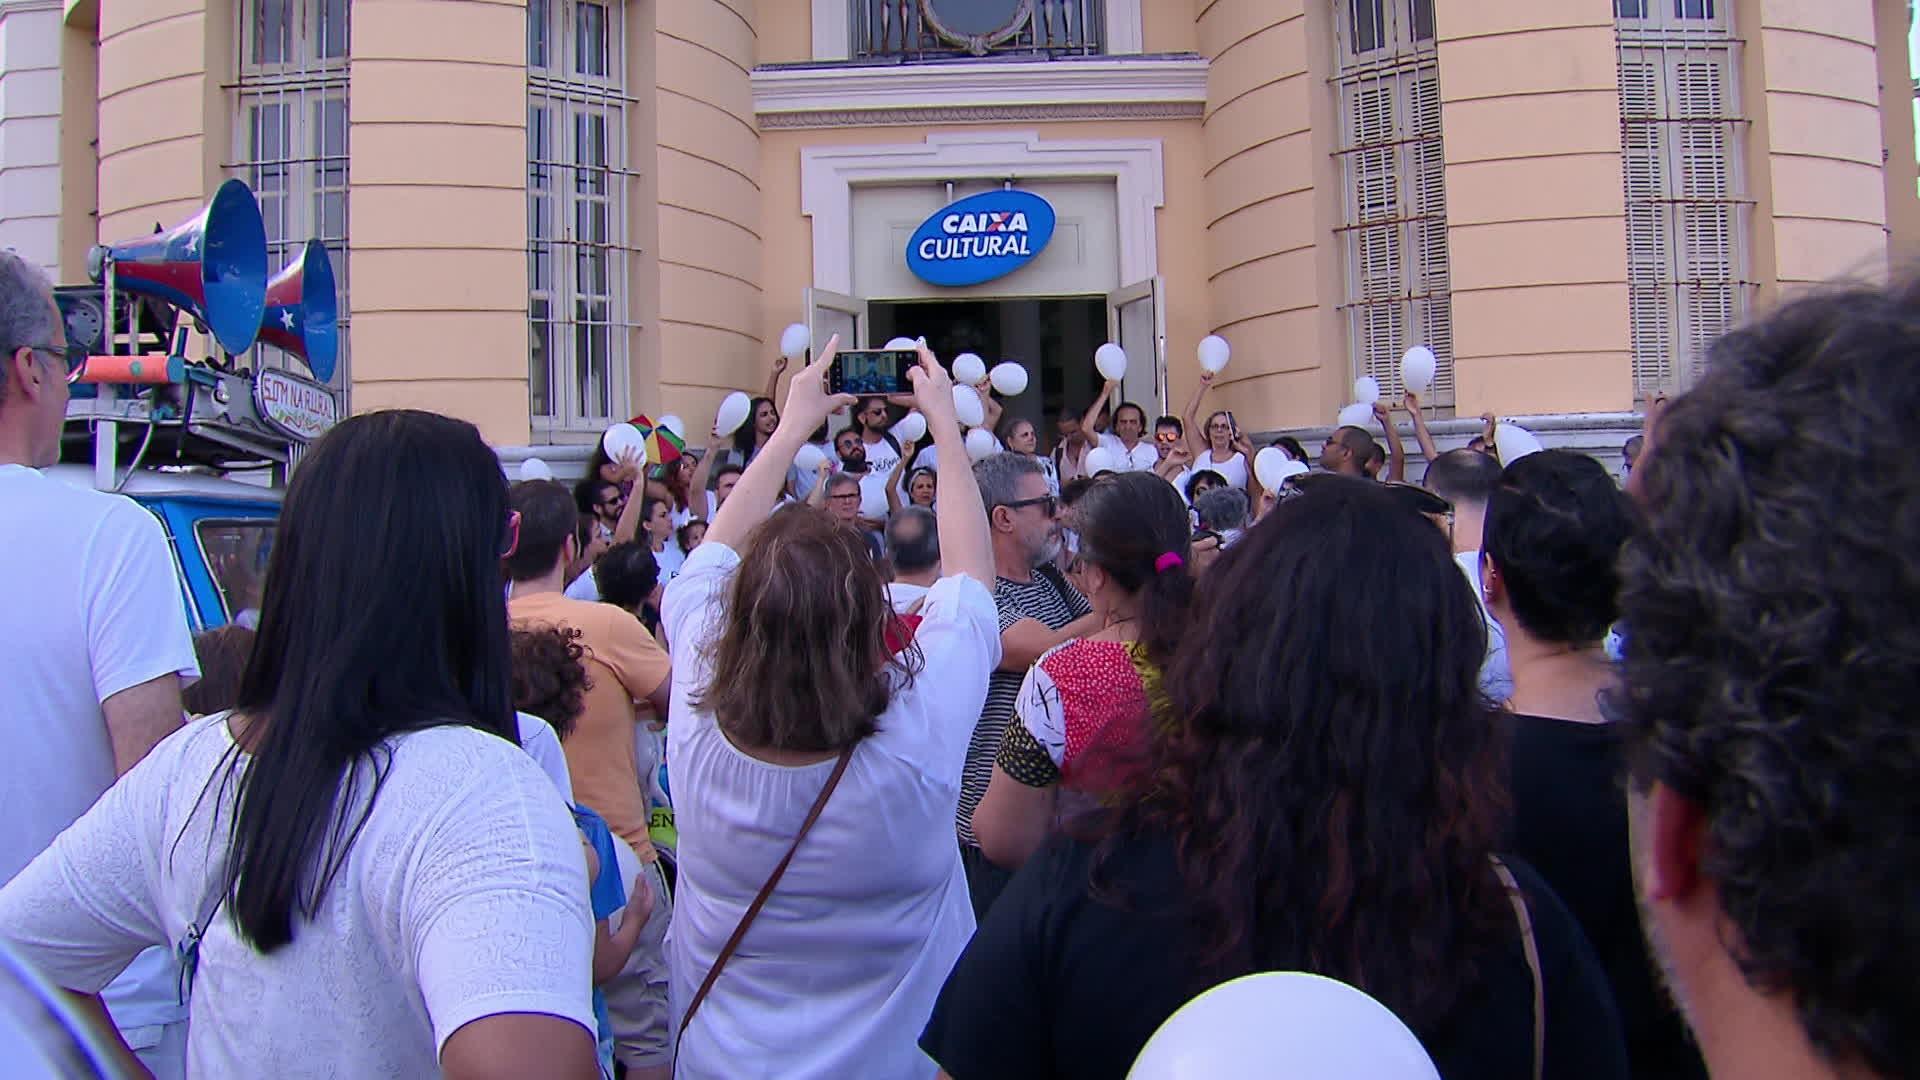 Manifestantes fazem ato contra cancelamento de peça no Recife; apresentação gratuita lota teatro - Notícias - Plantão Diário